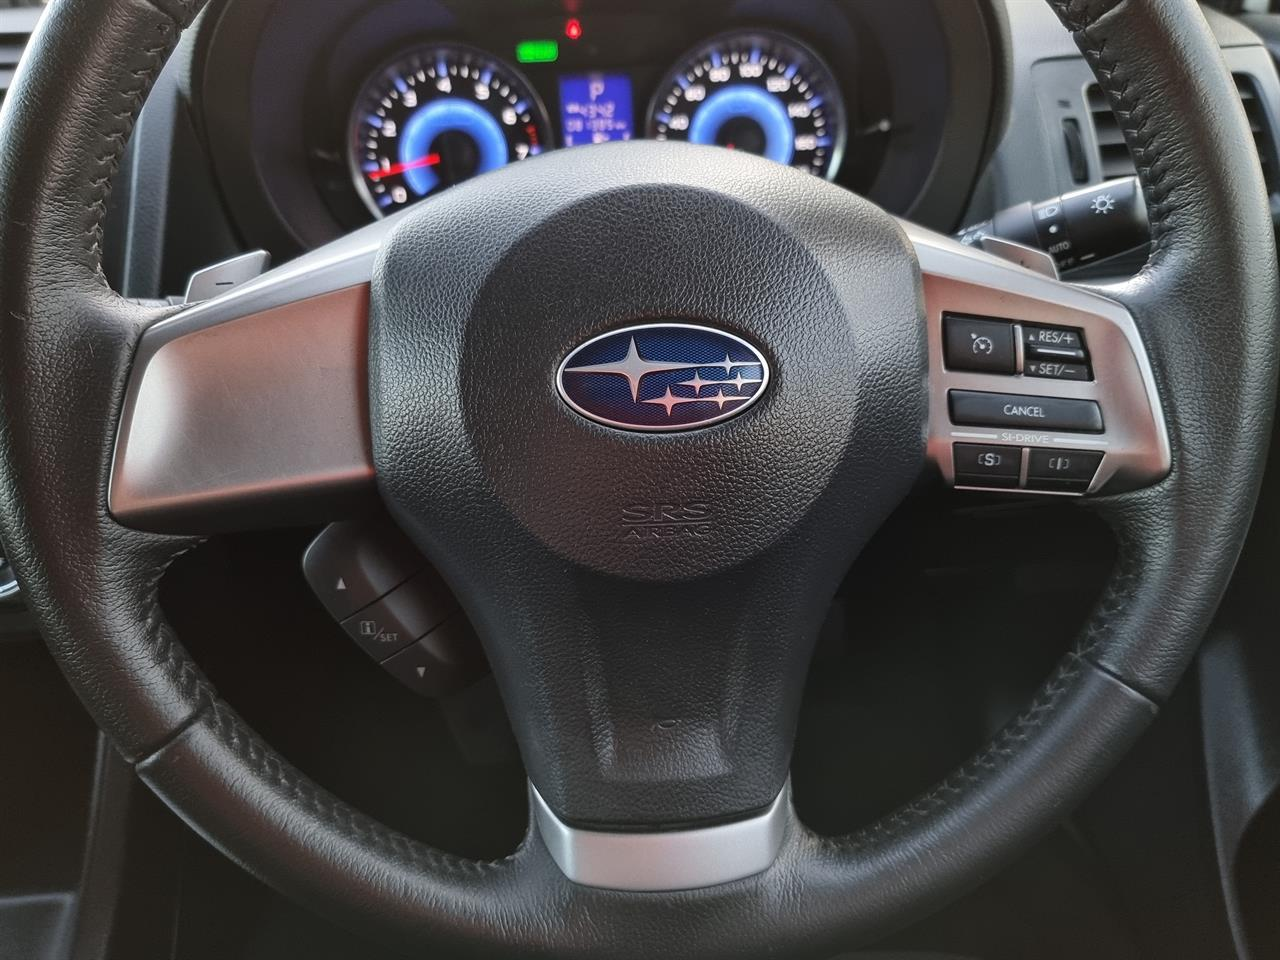 image-12, 2014 Subaru XV Hybrid 4WD at Christchurch